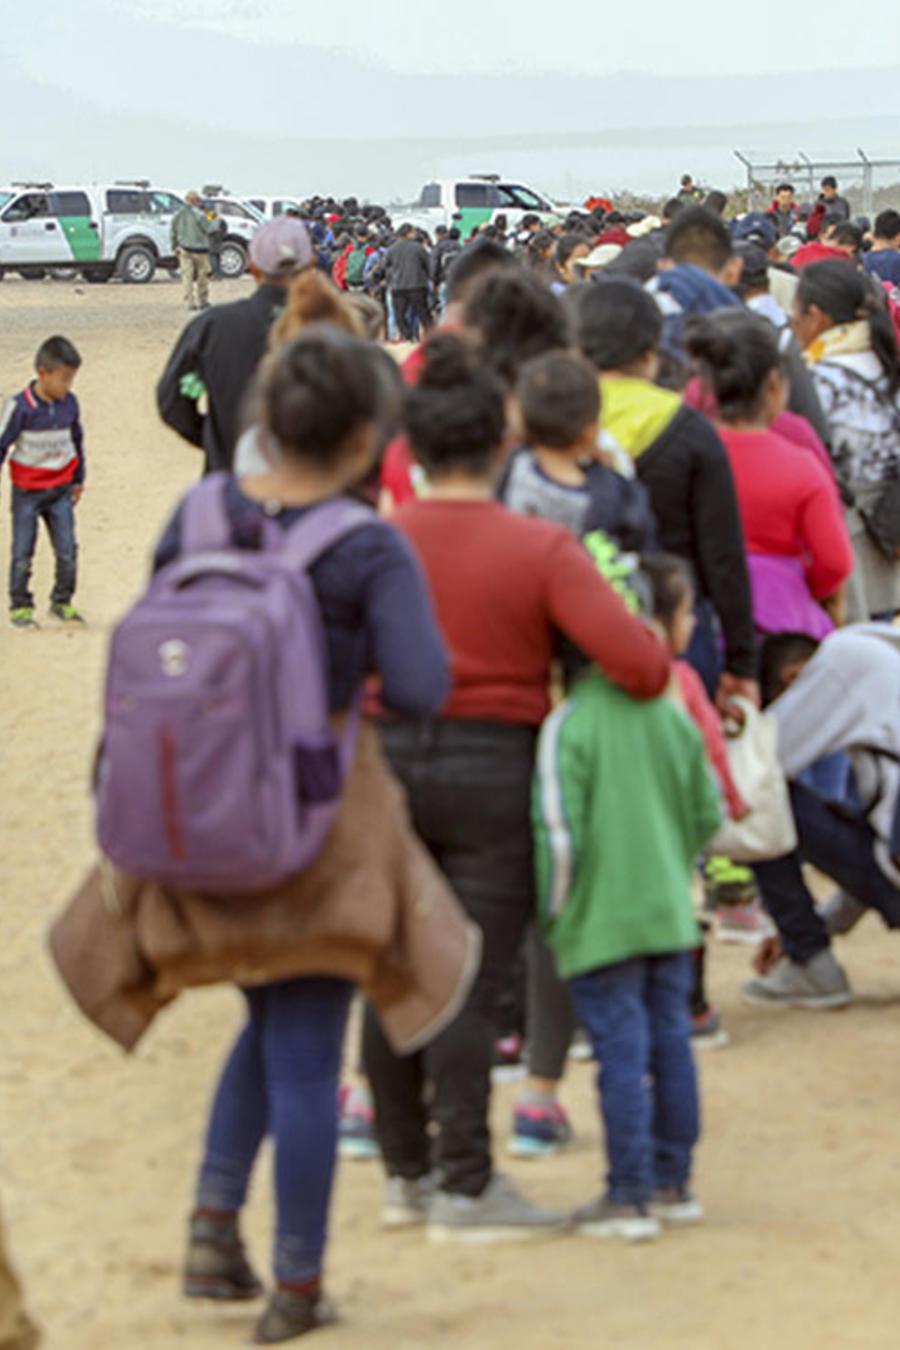 Algunos de los 376 migrantes centroamericanos que fueron arrestados por la Patrulla Fronteriza en el sudoeste de Arizona.